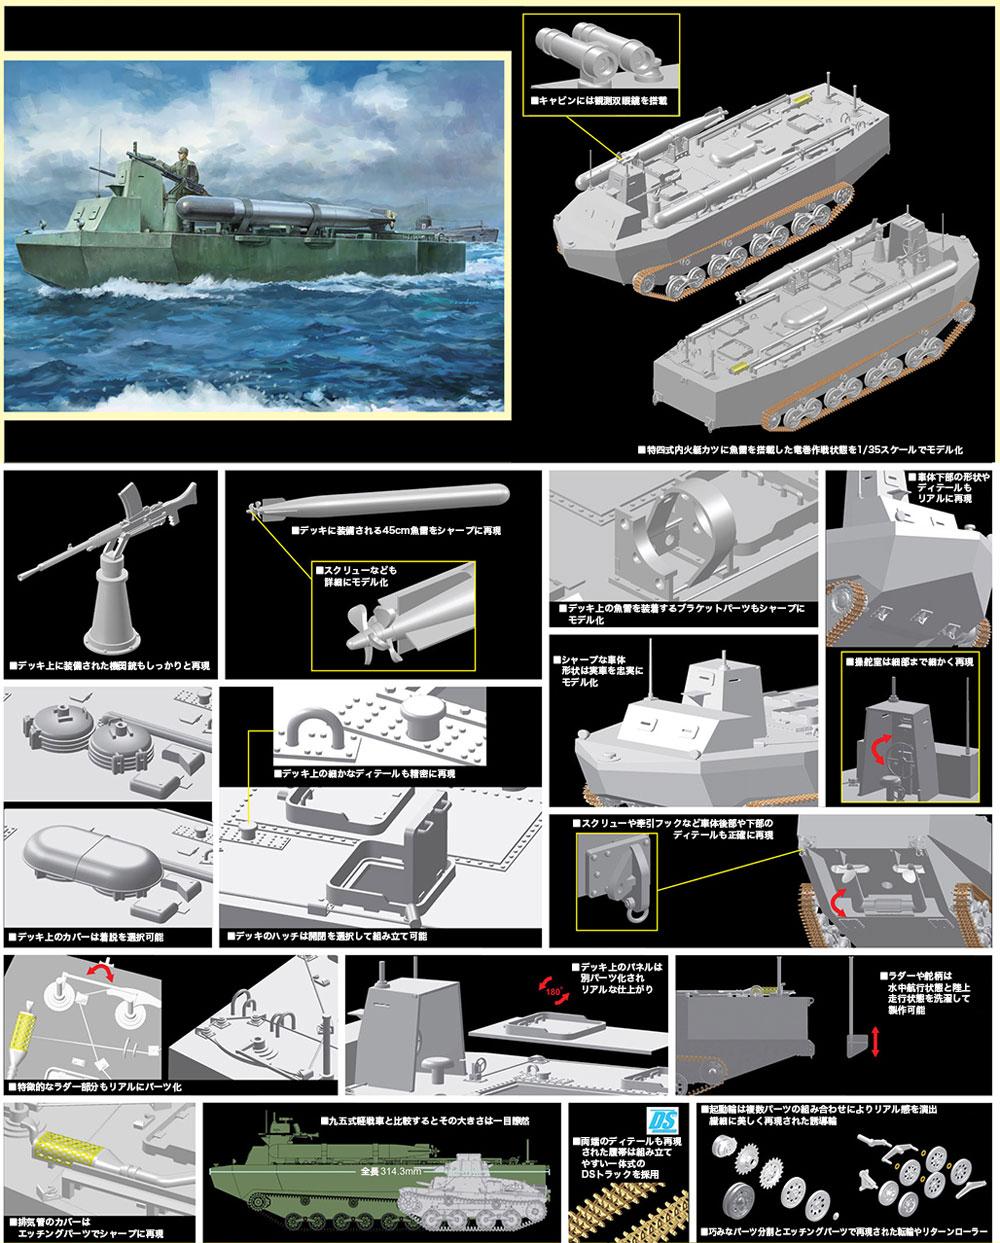 日本海軍 特四式内火艇 カツ 魚雷搭載型 竜巻作戦 1944プラモデル(ドラゴン1/35 '39-'45 SeriesNo.6849)商品画像_2